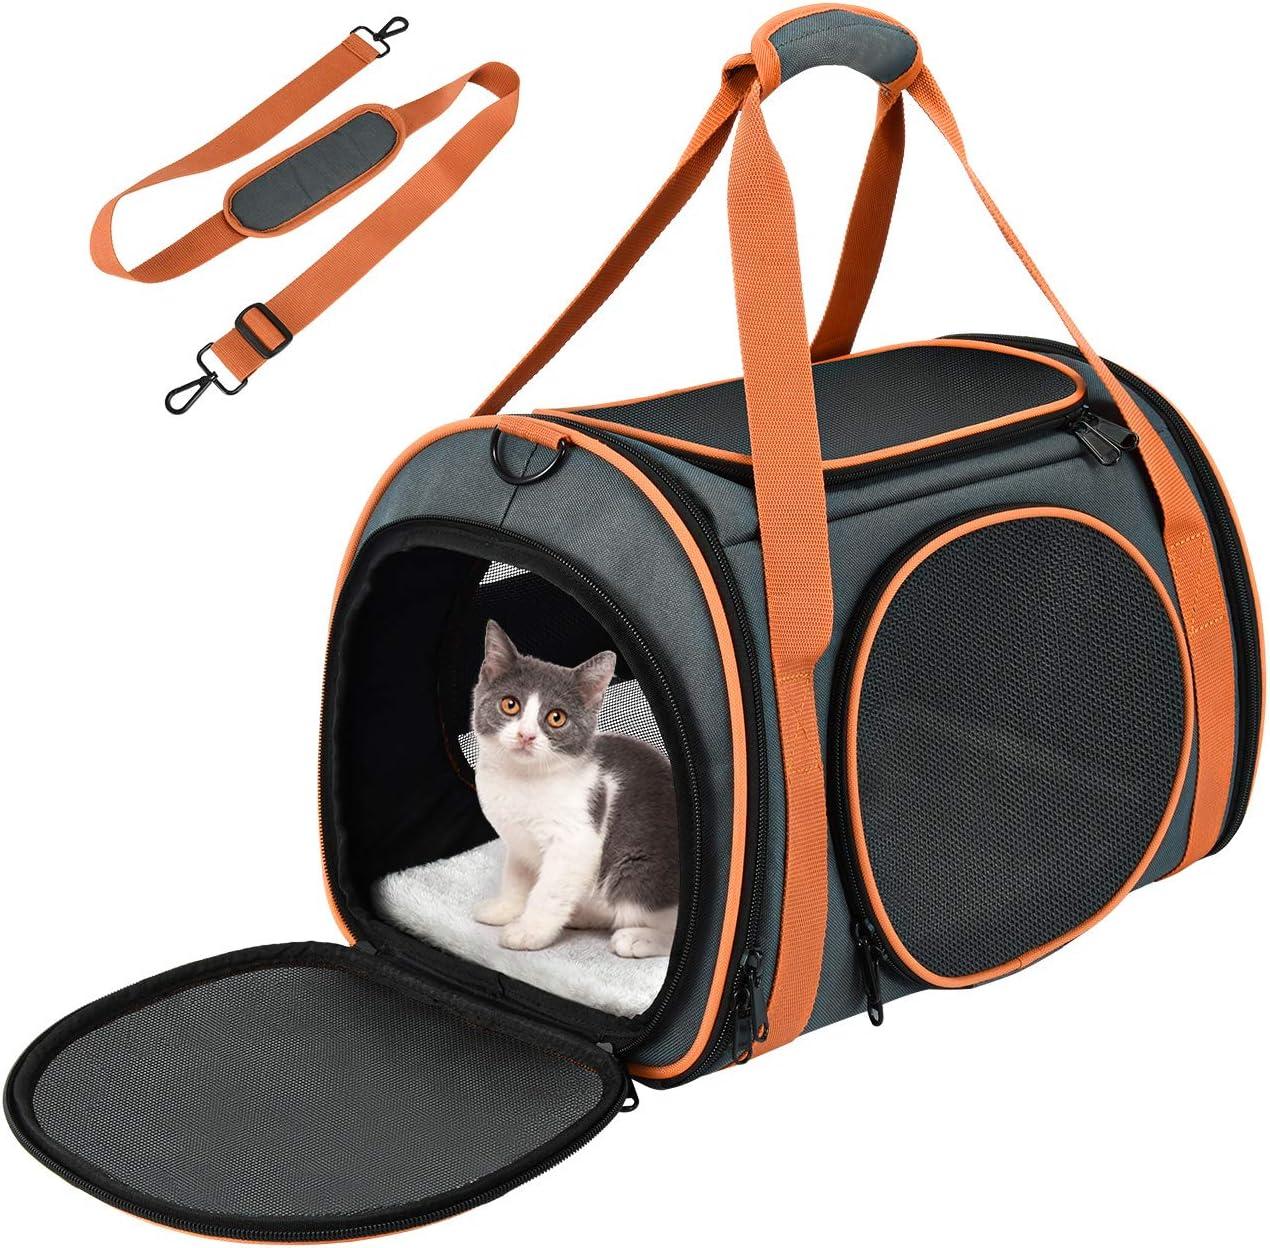 OKMEE Transportin Gato Perro, Bolsa de Transporte para Mascotas. Totalmente Transpirable, Esructura Sólida, Espaciosa y Cómoda. Portador de Viaje con Colchón Suave para Transporte en Tren/Coche/Avión: Amazon.es: Productos para mascotas